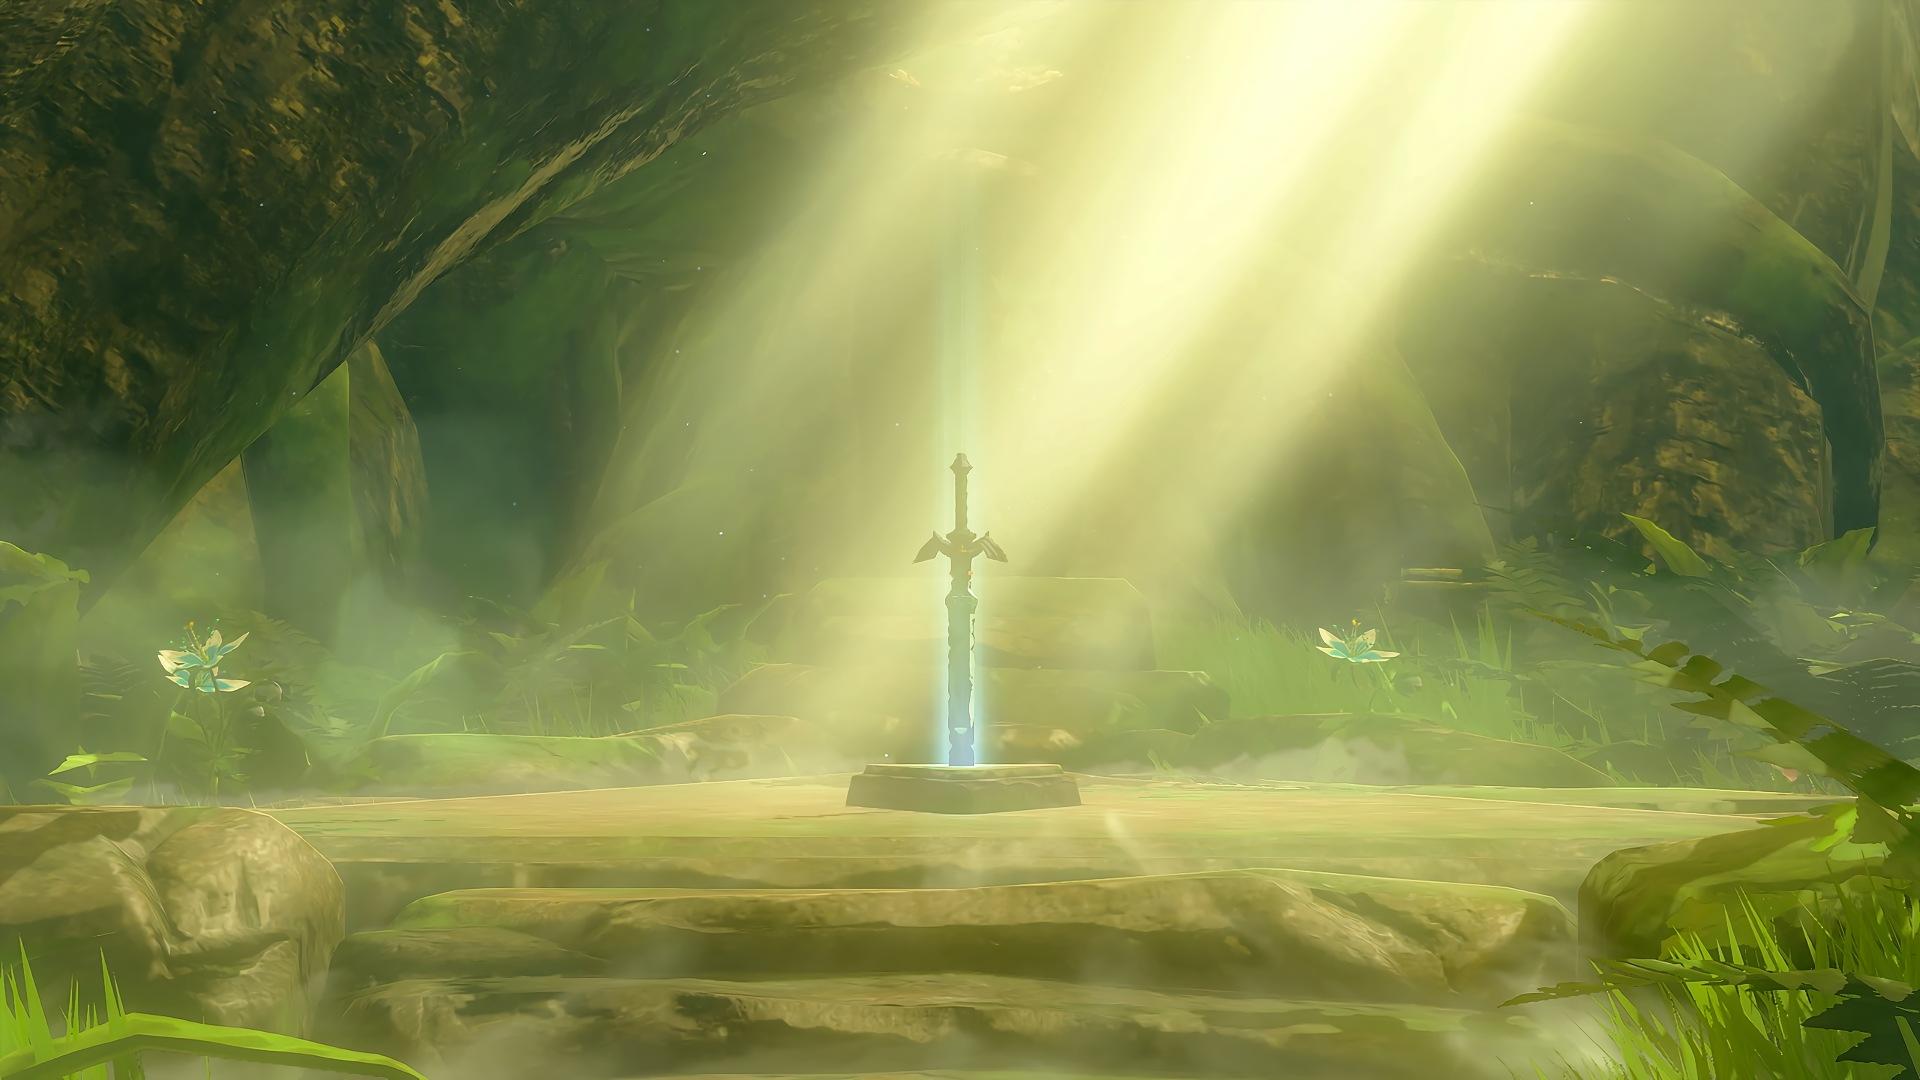 Wallpaper The Legend Of Zelda Master Sword Breath Of The